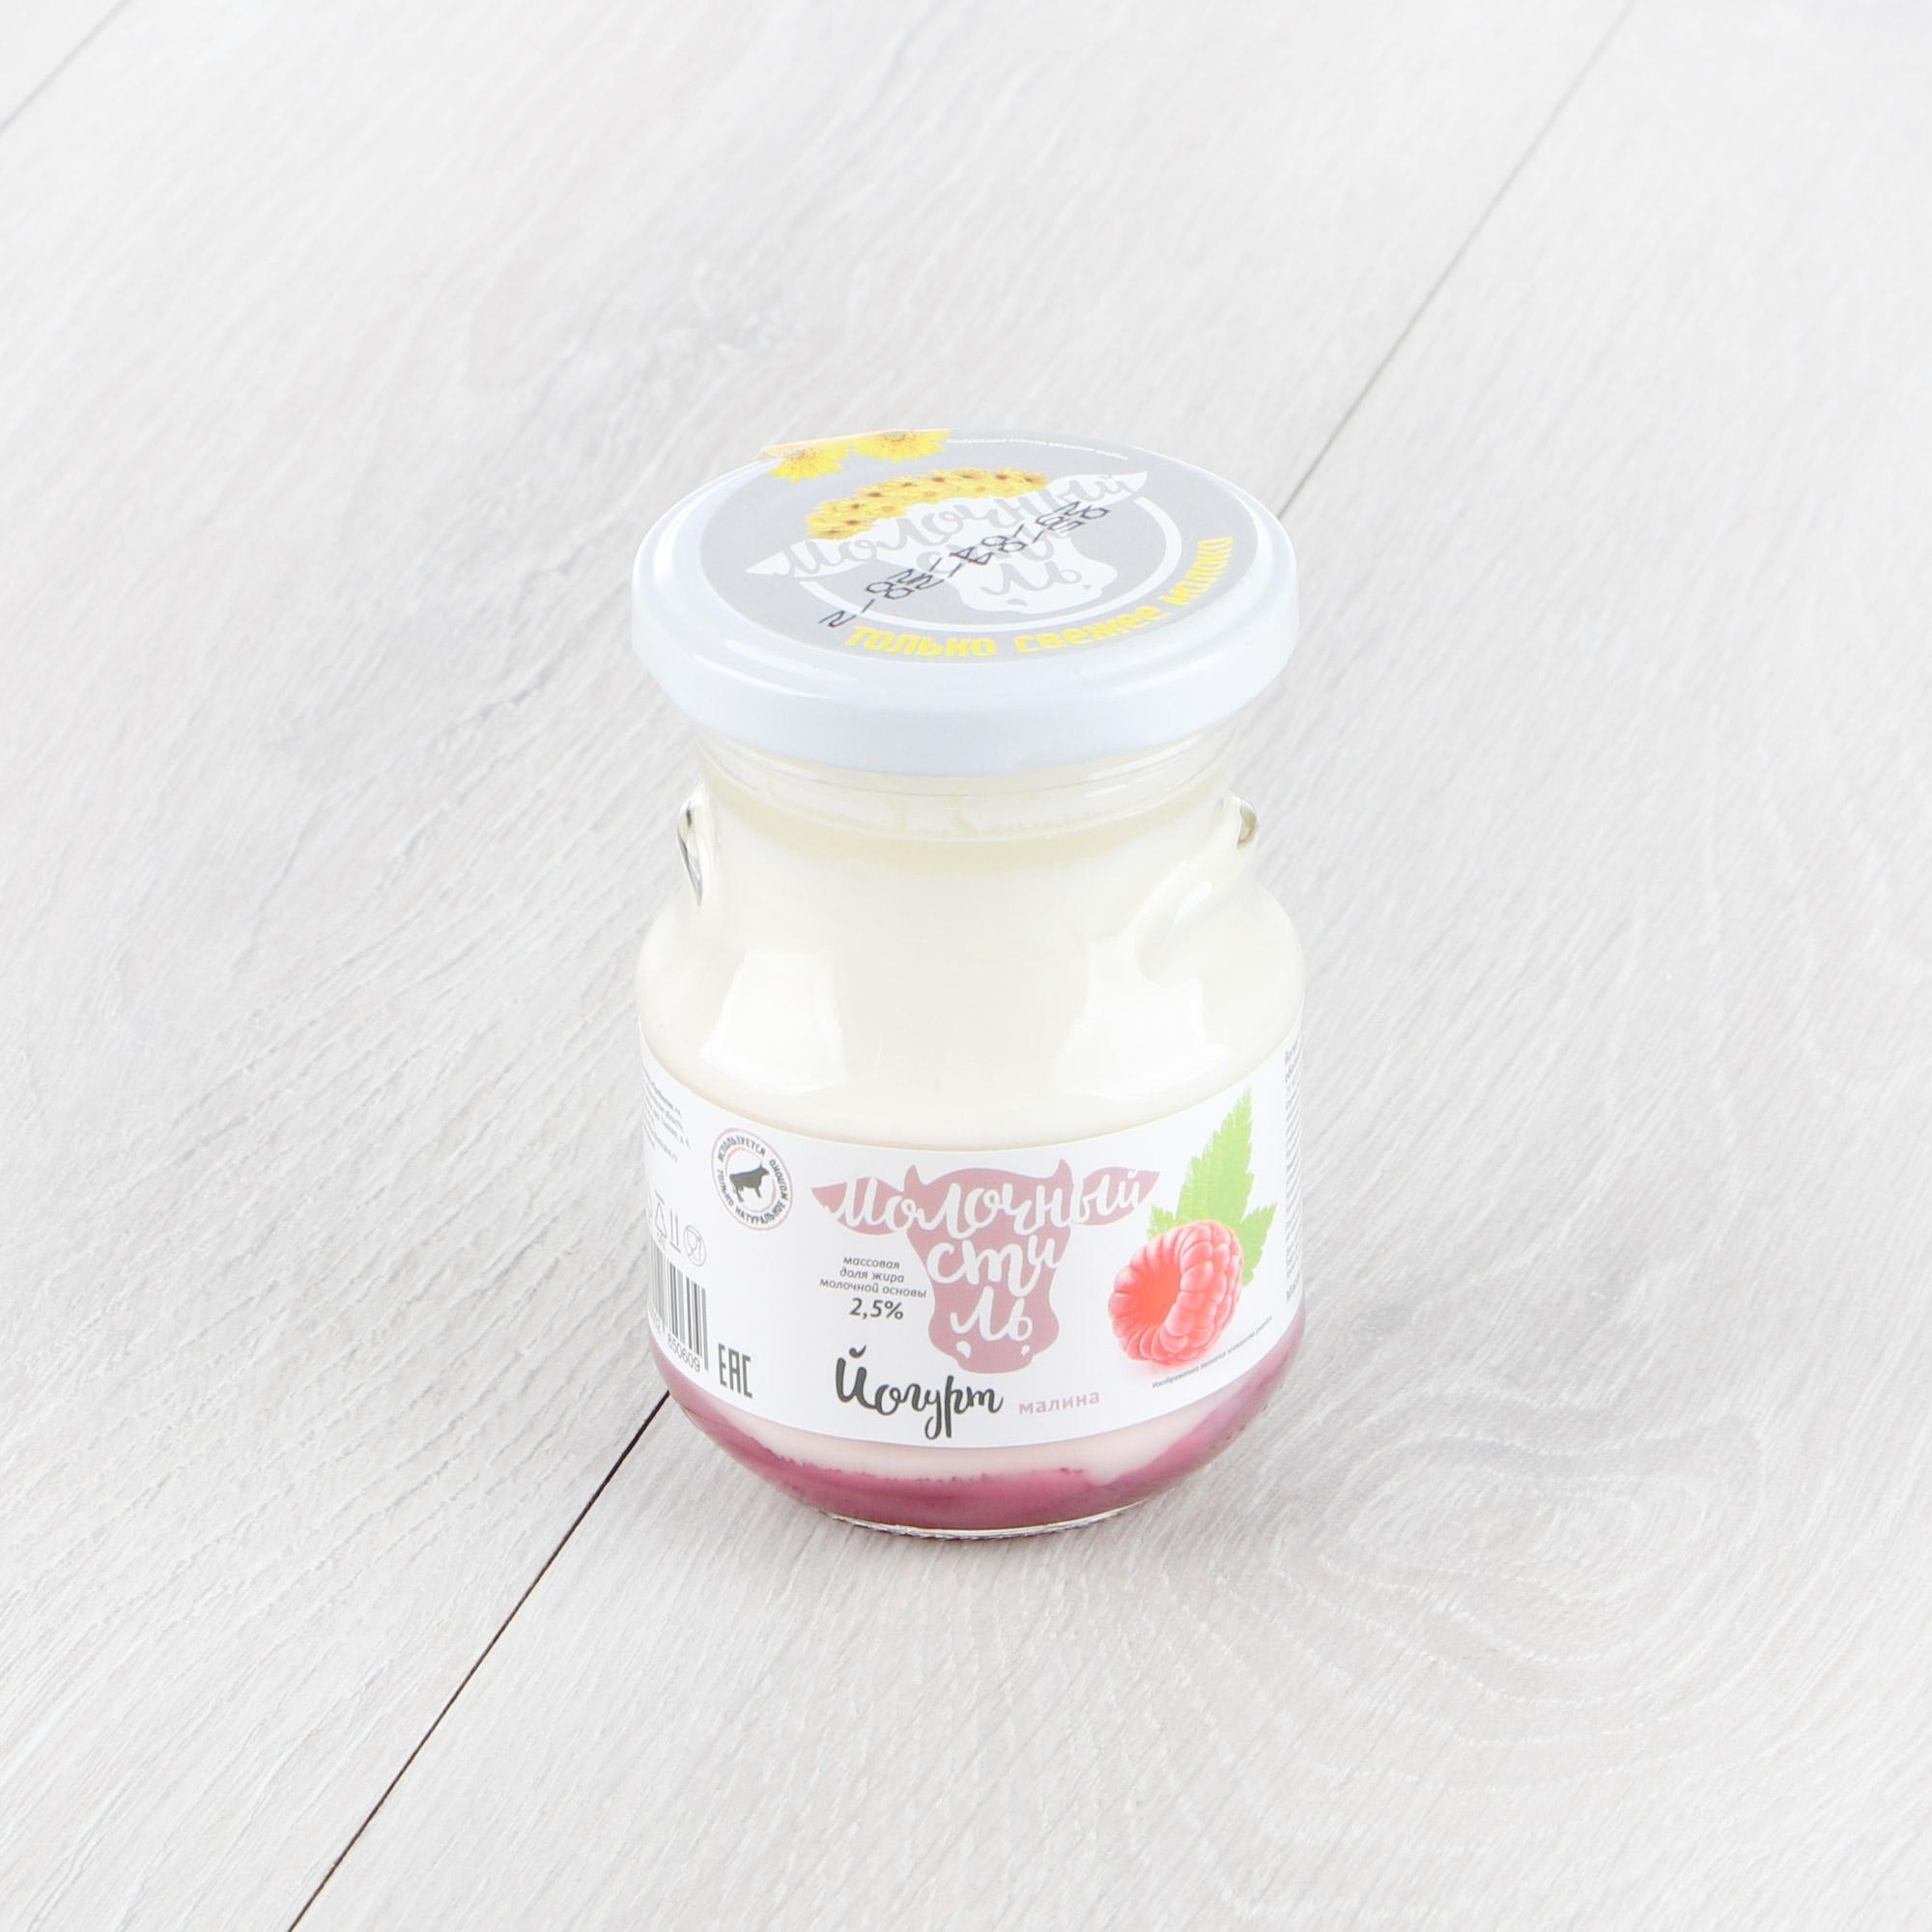 Йогурт Молочный стиль Малина 2,5% 250 г